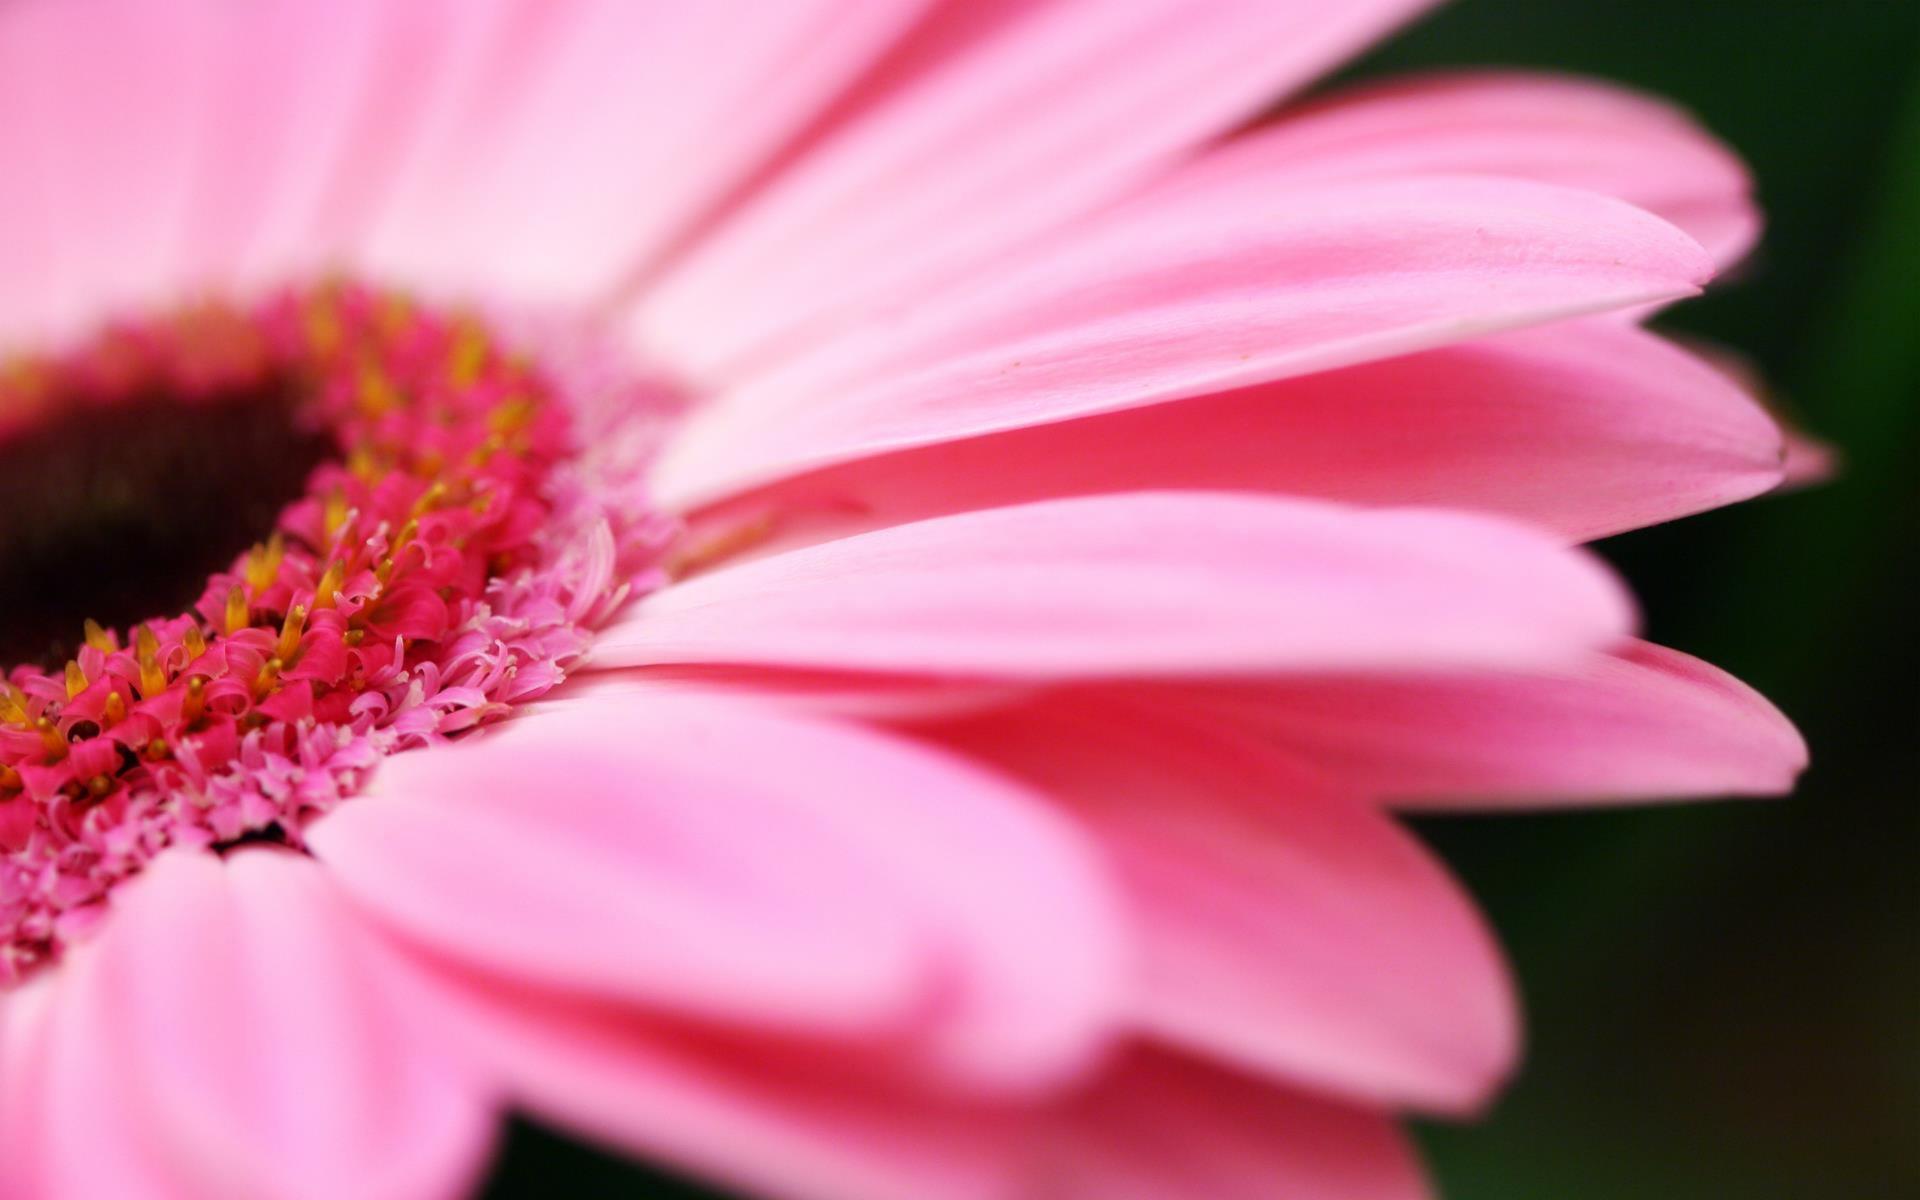 fonds-ecran-nature-et-fleurs-en-grand-format_2